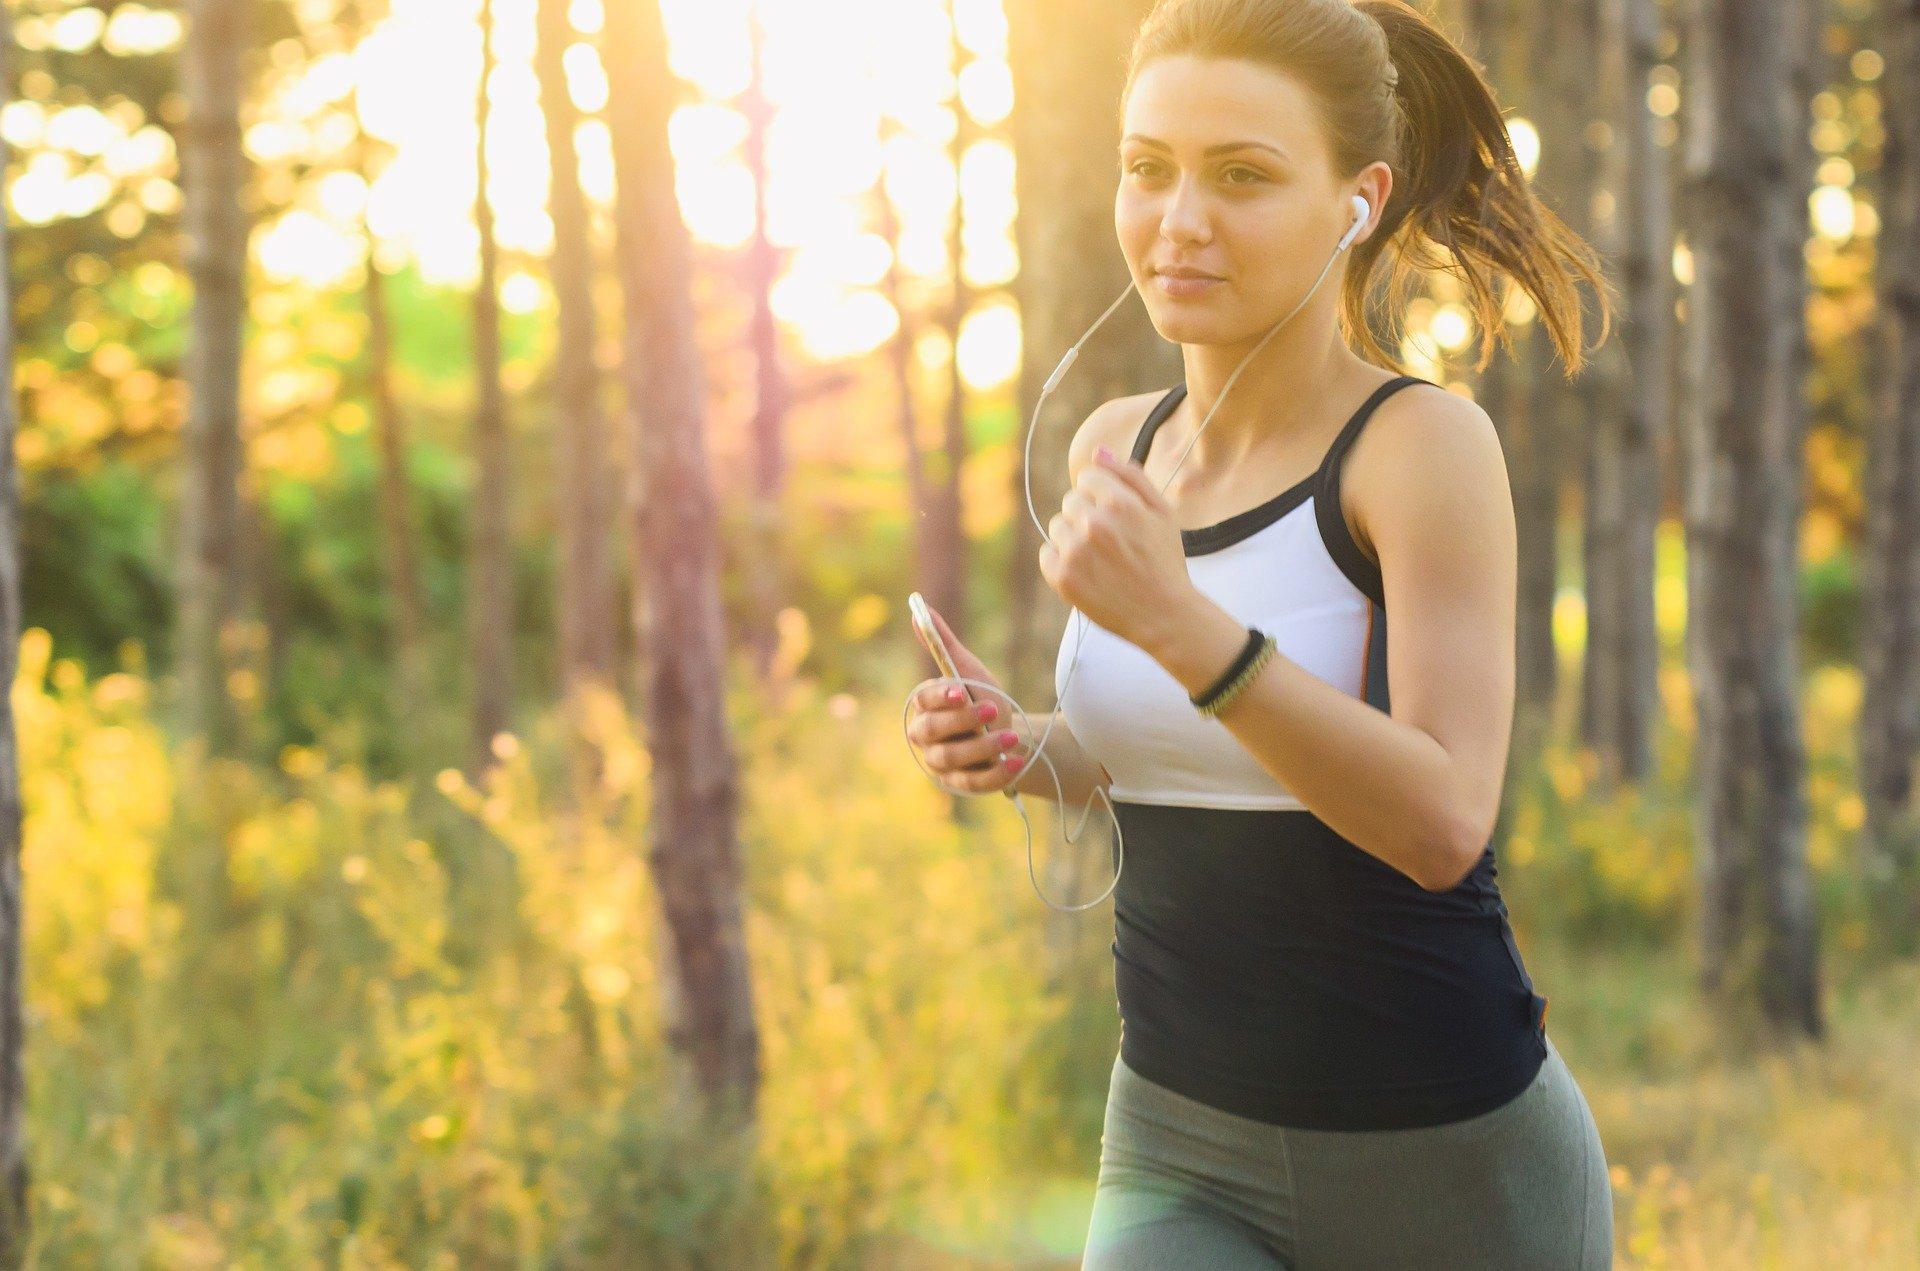 Doppelherz aktiv Sport DIRECT – działanie i zastosowanie